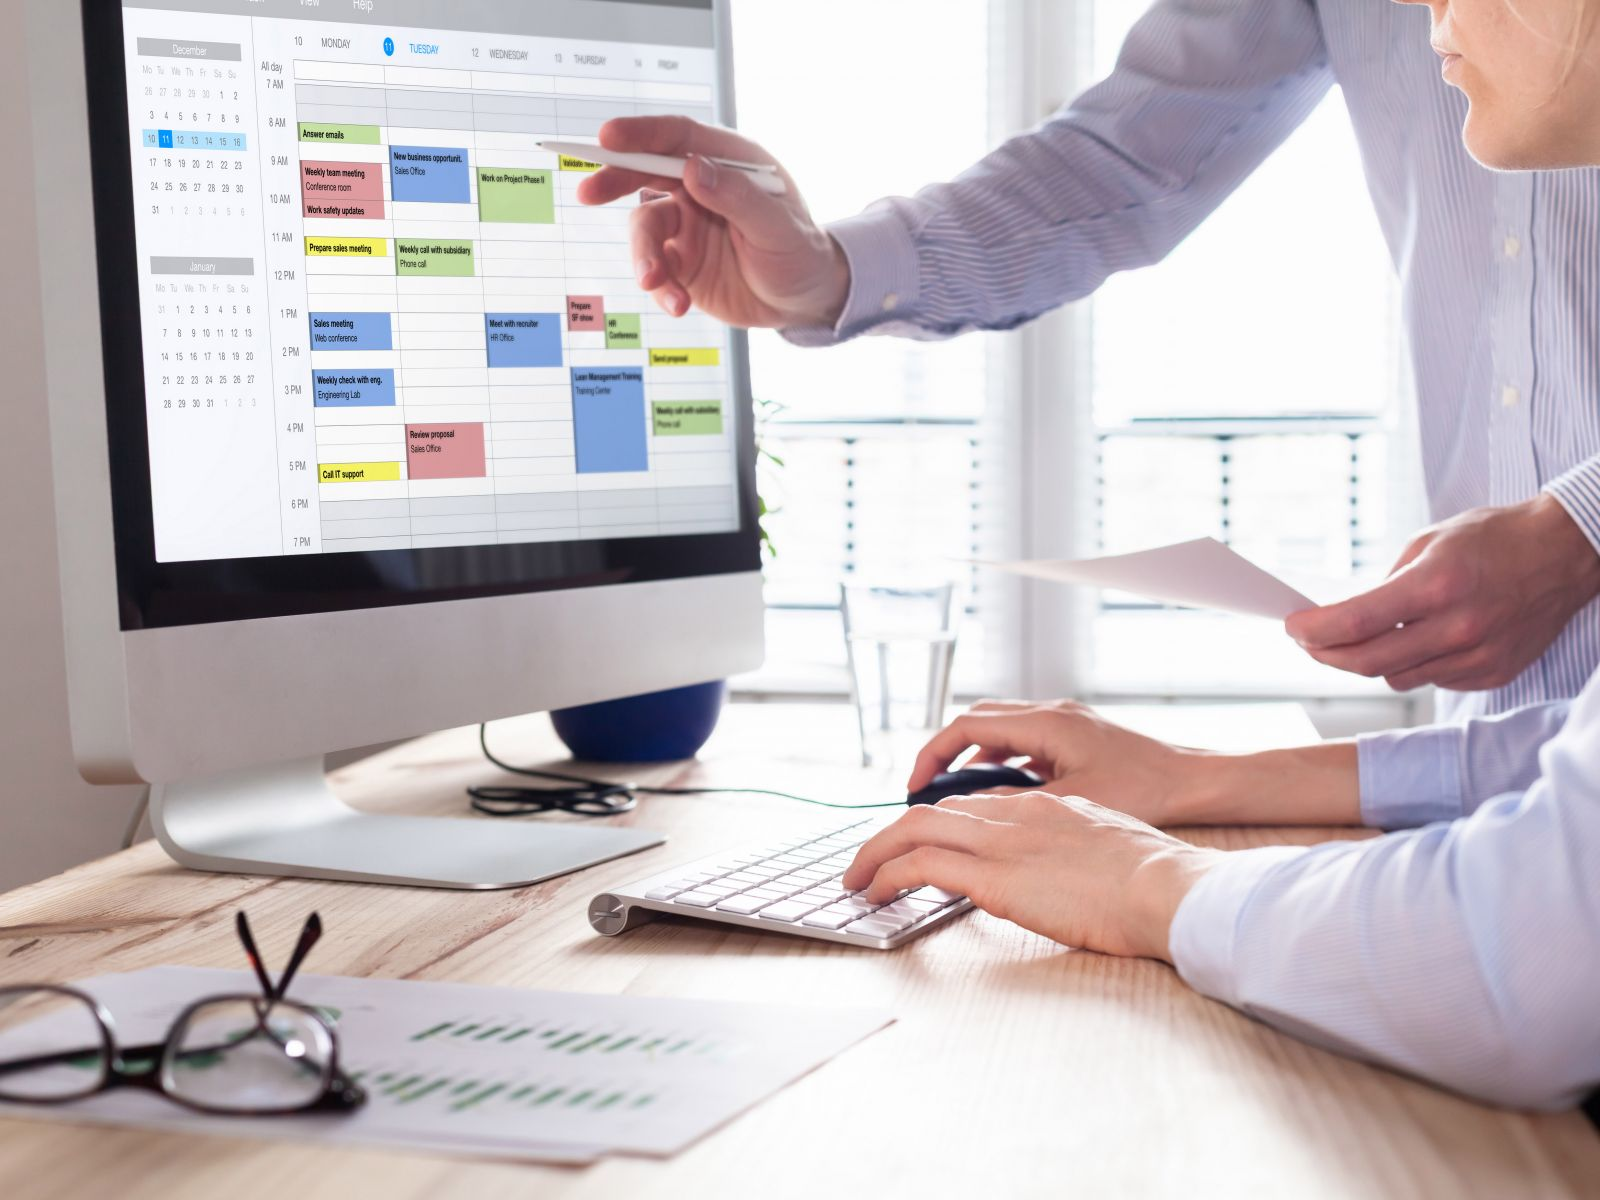 不要小看定期召開的會議、年終評估,這些事情很重要,提前做好準備可提升效率